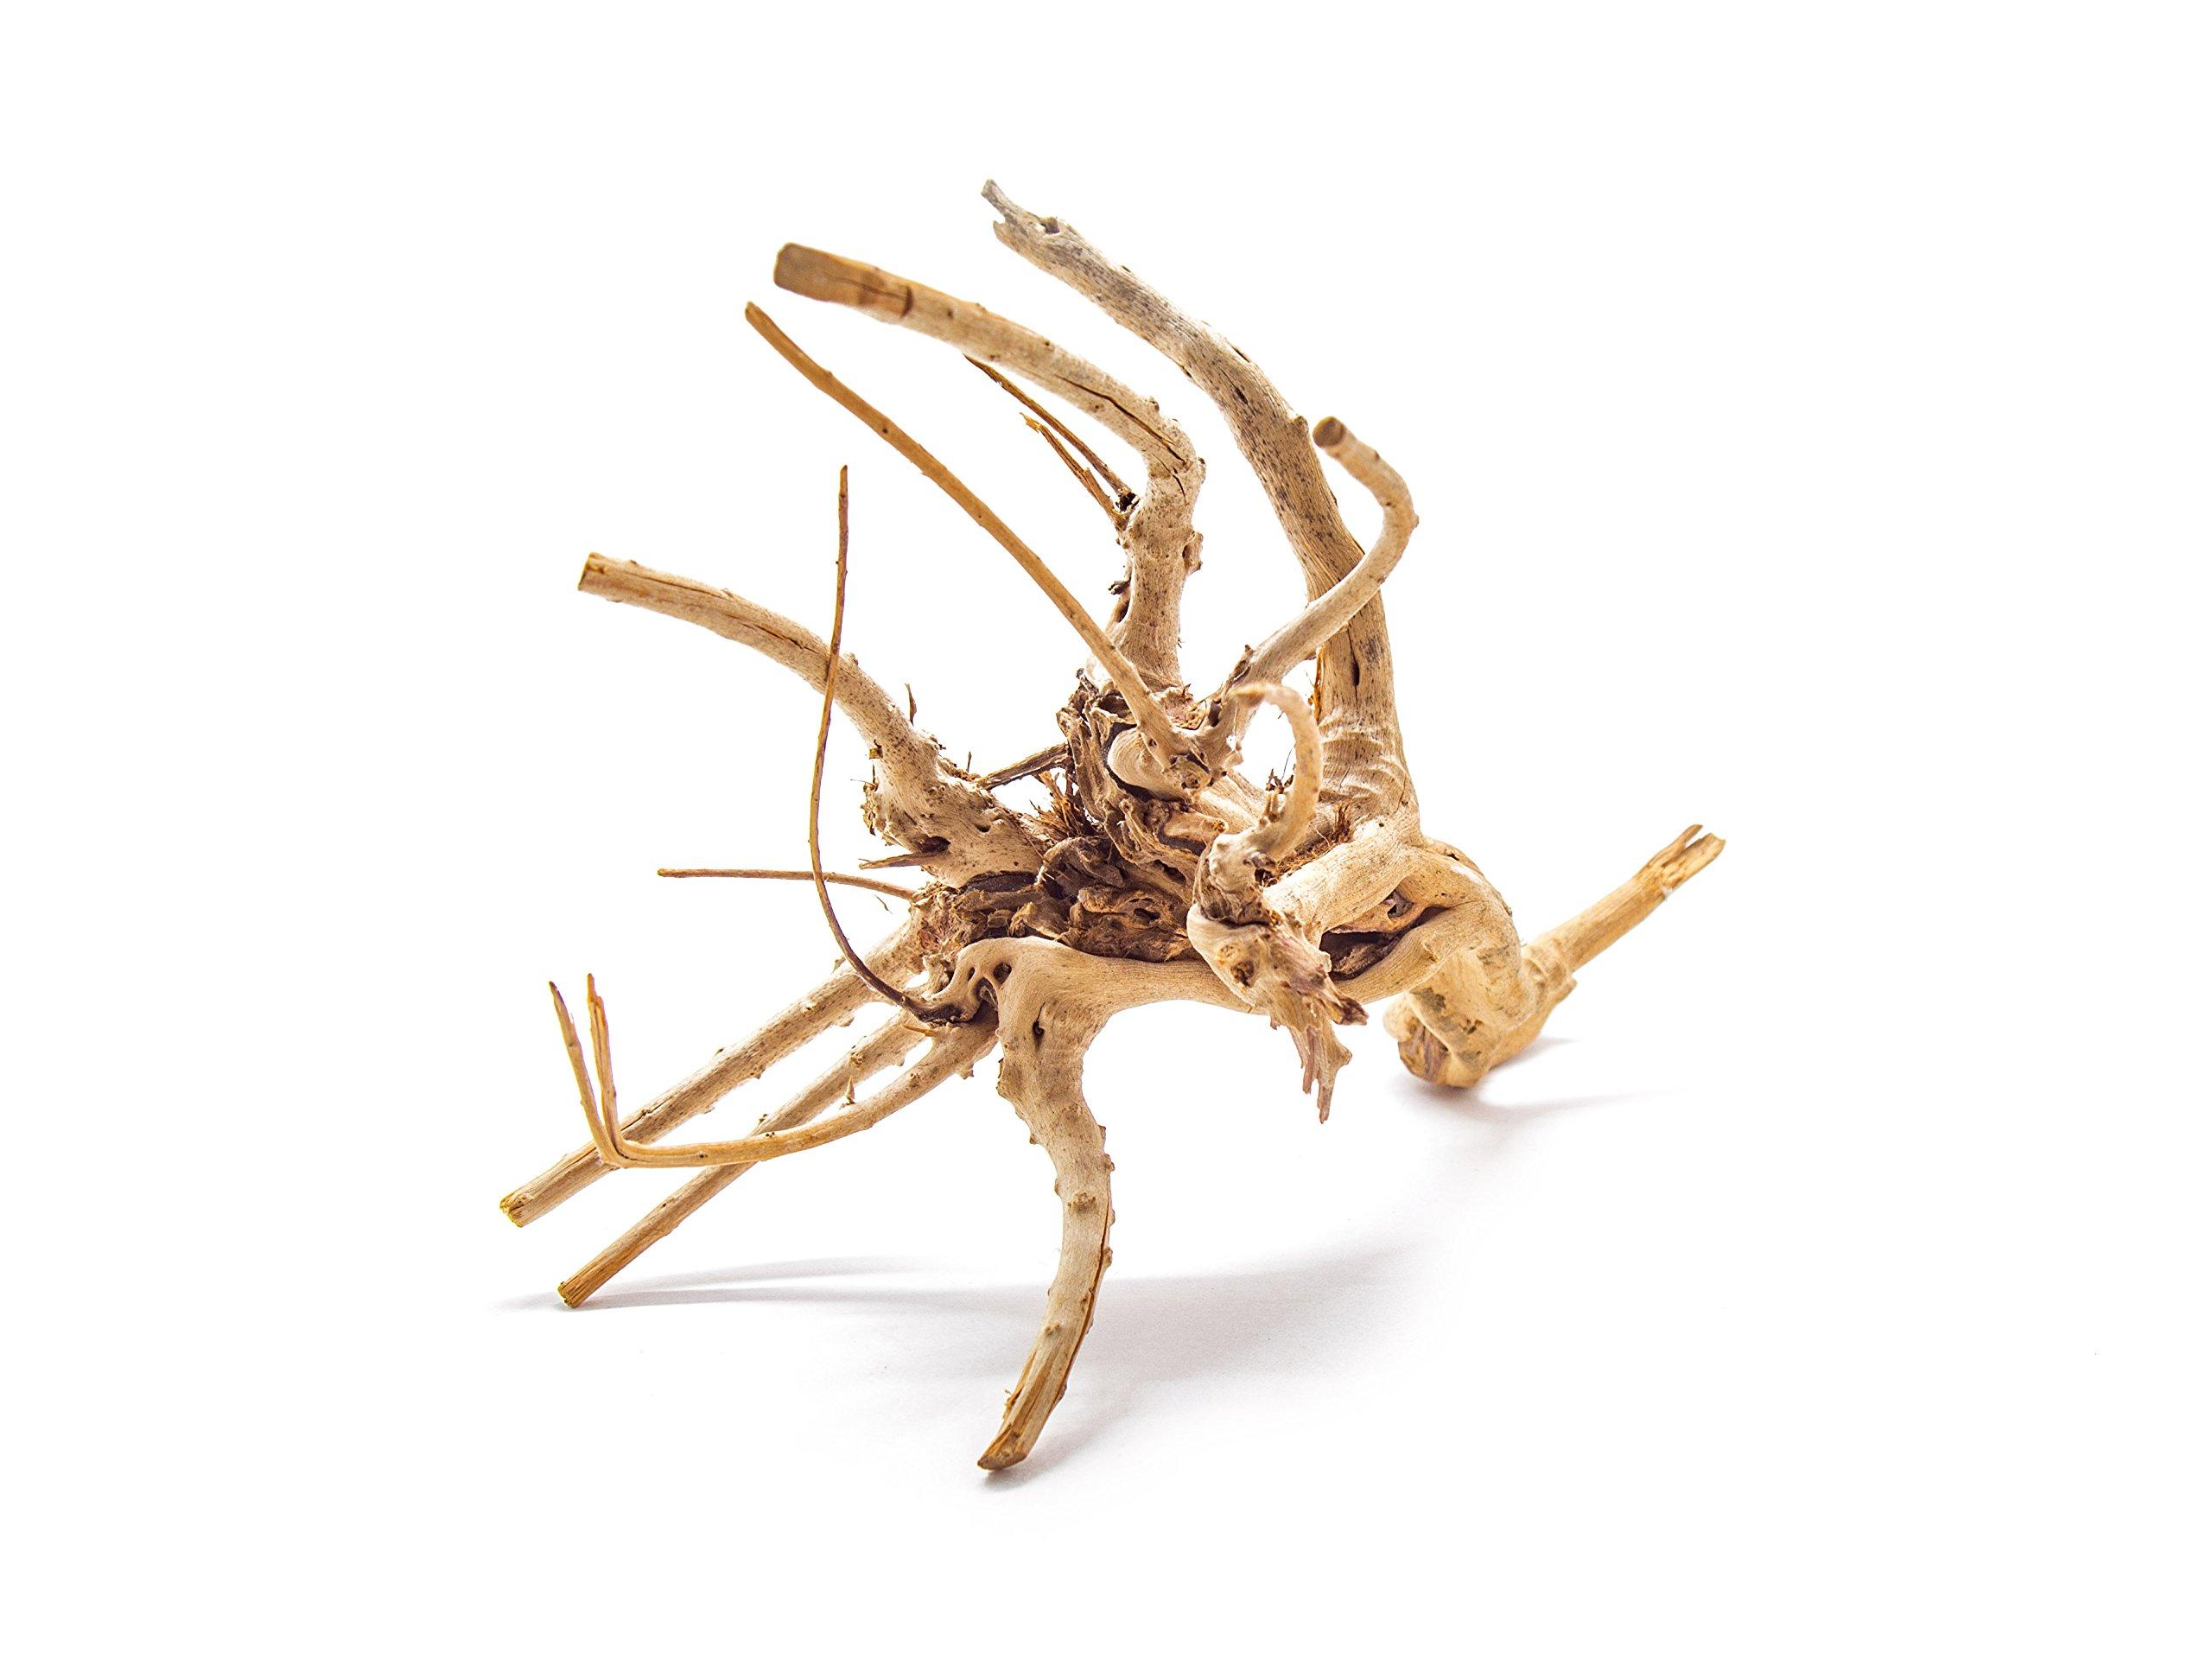 Aquatic Arts 1 Small Piece of Spider Wood aka Azalea Natural Aquarium Driftwood, 6-9'' by Aquatic Arts (Image #1)